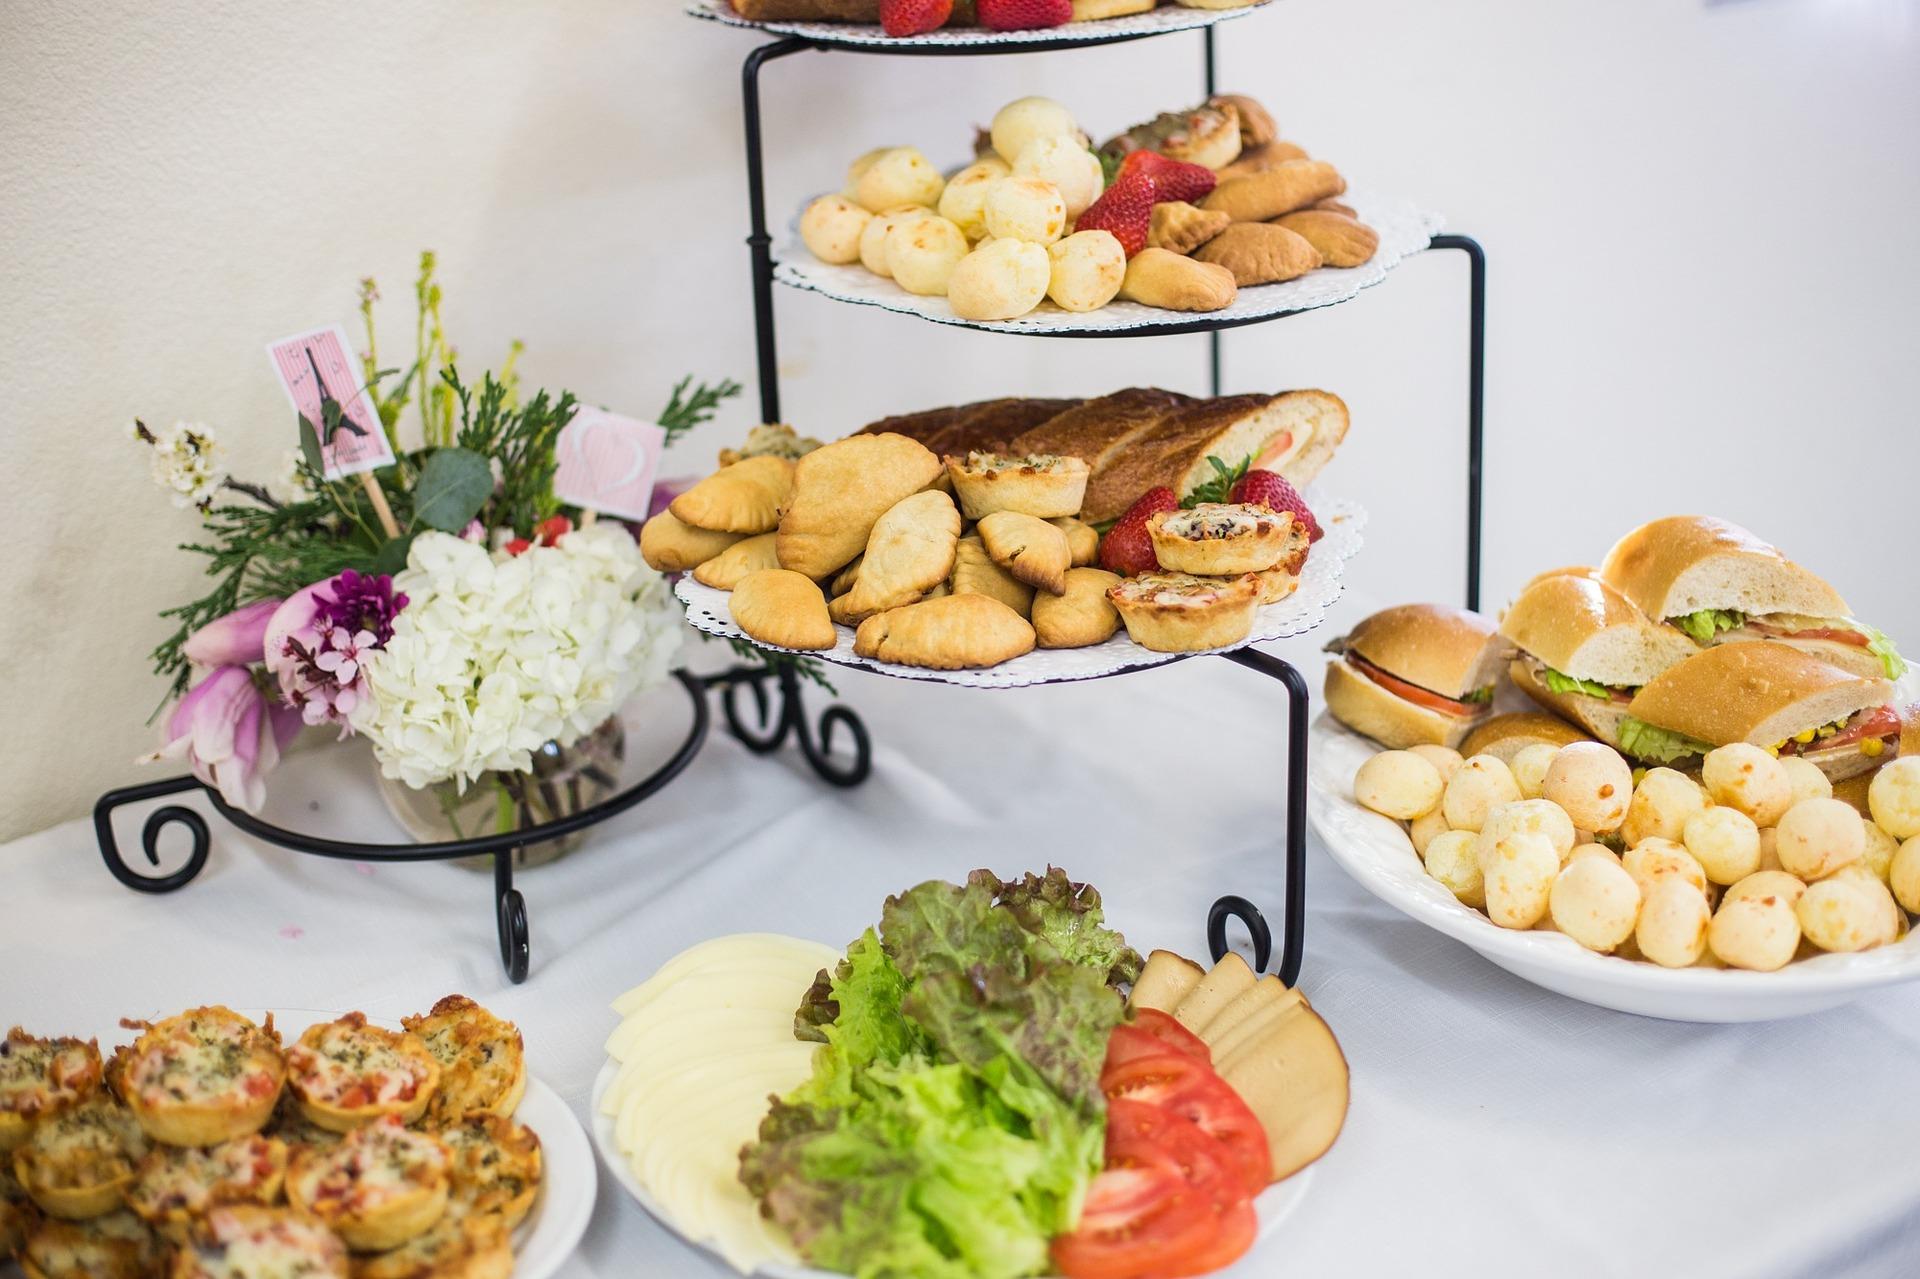 Firma cateringowa – co oferuje